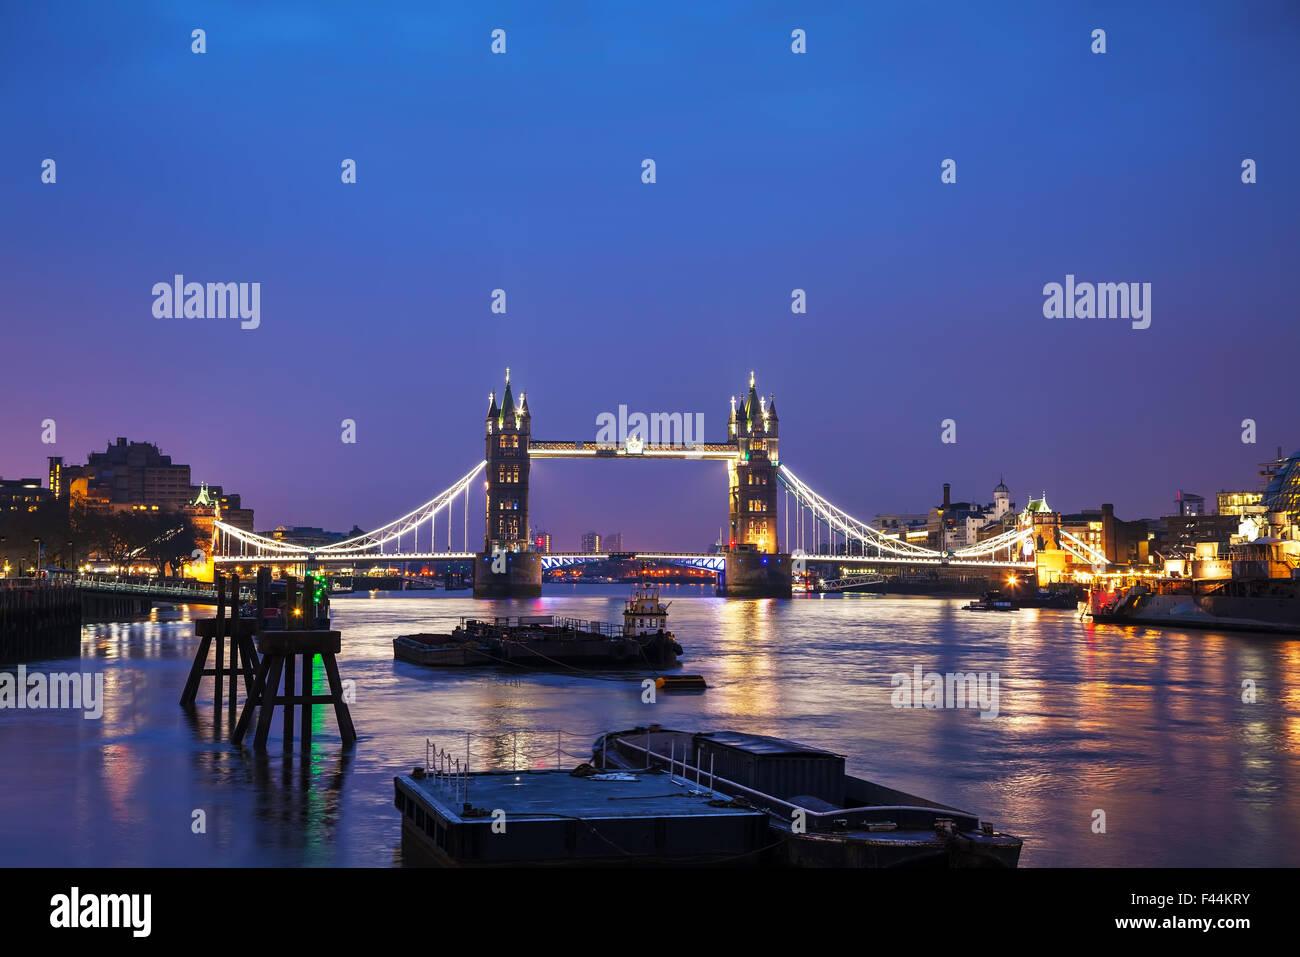 Tower bridge in London, Great Britain - Stock Image